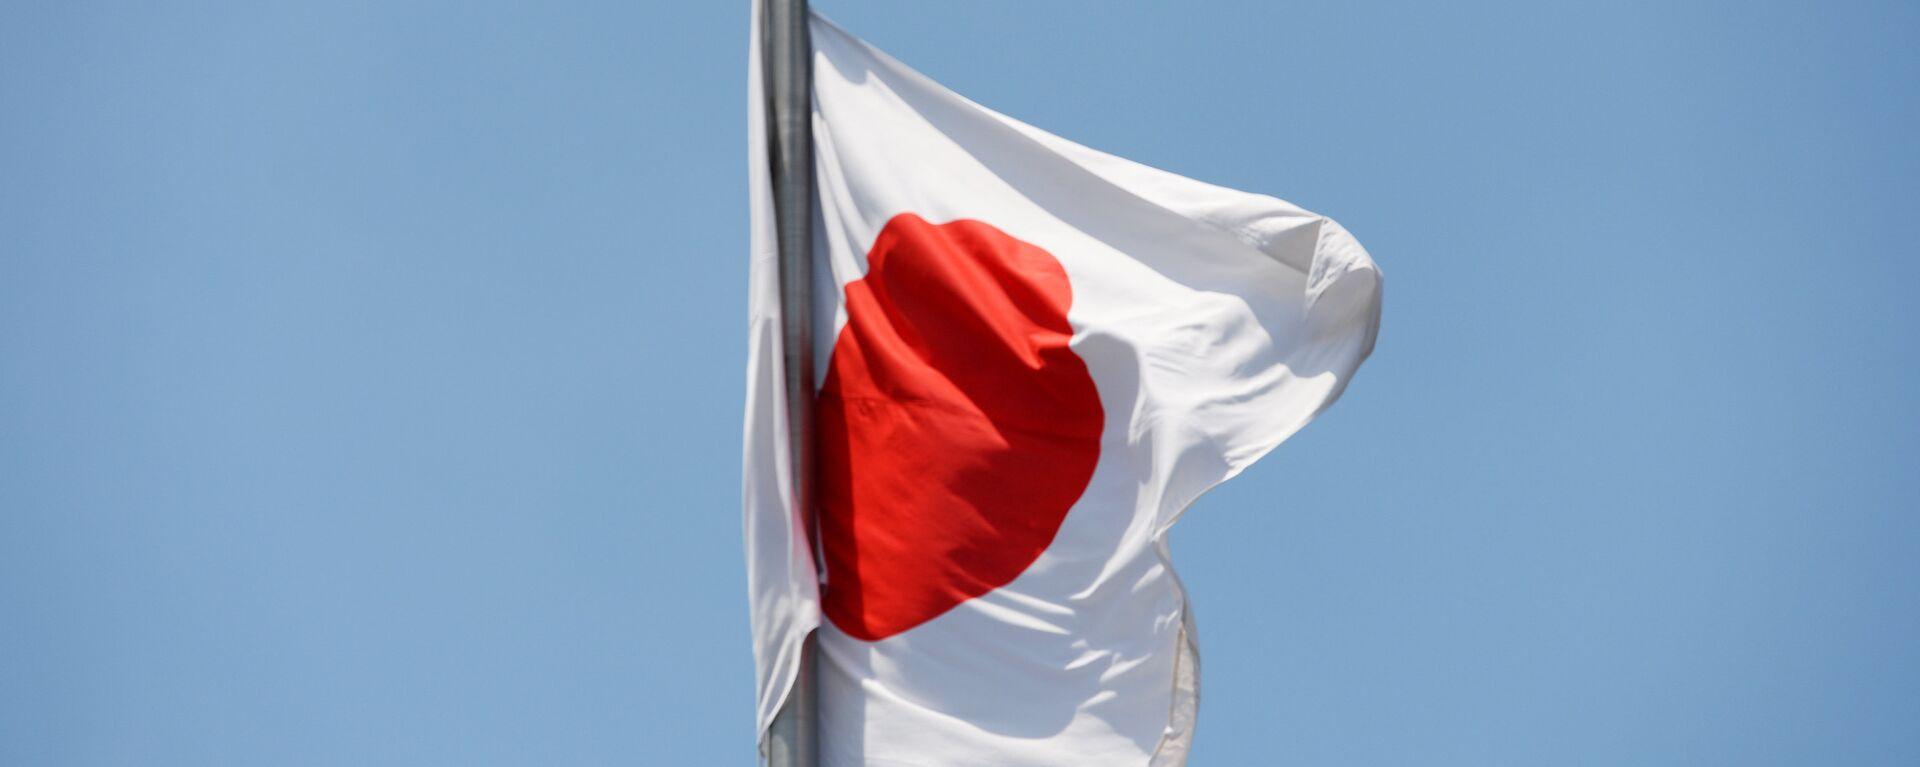 Japonya bayrağı - Sputnik Türkiye, 1920, 20.09.2021